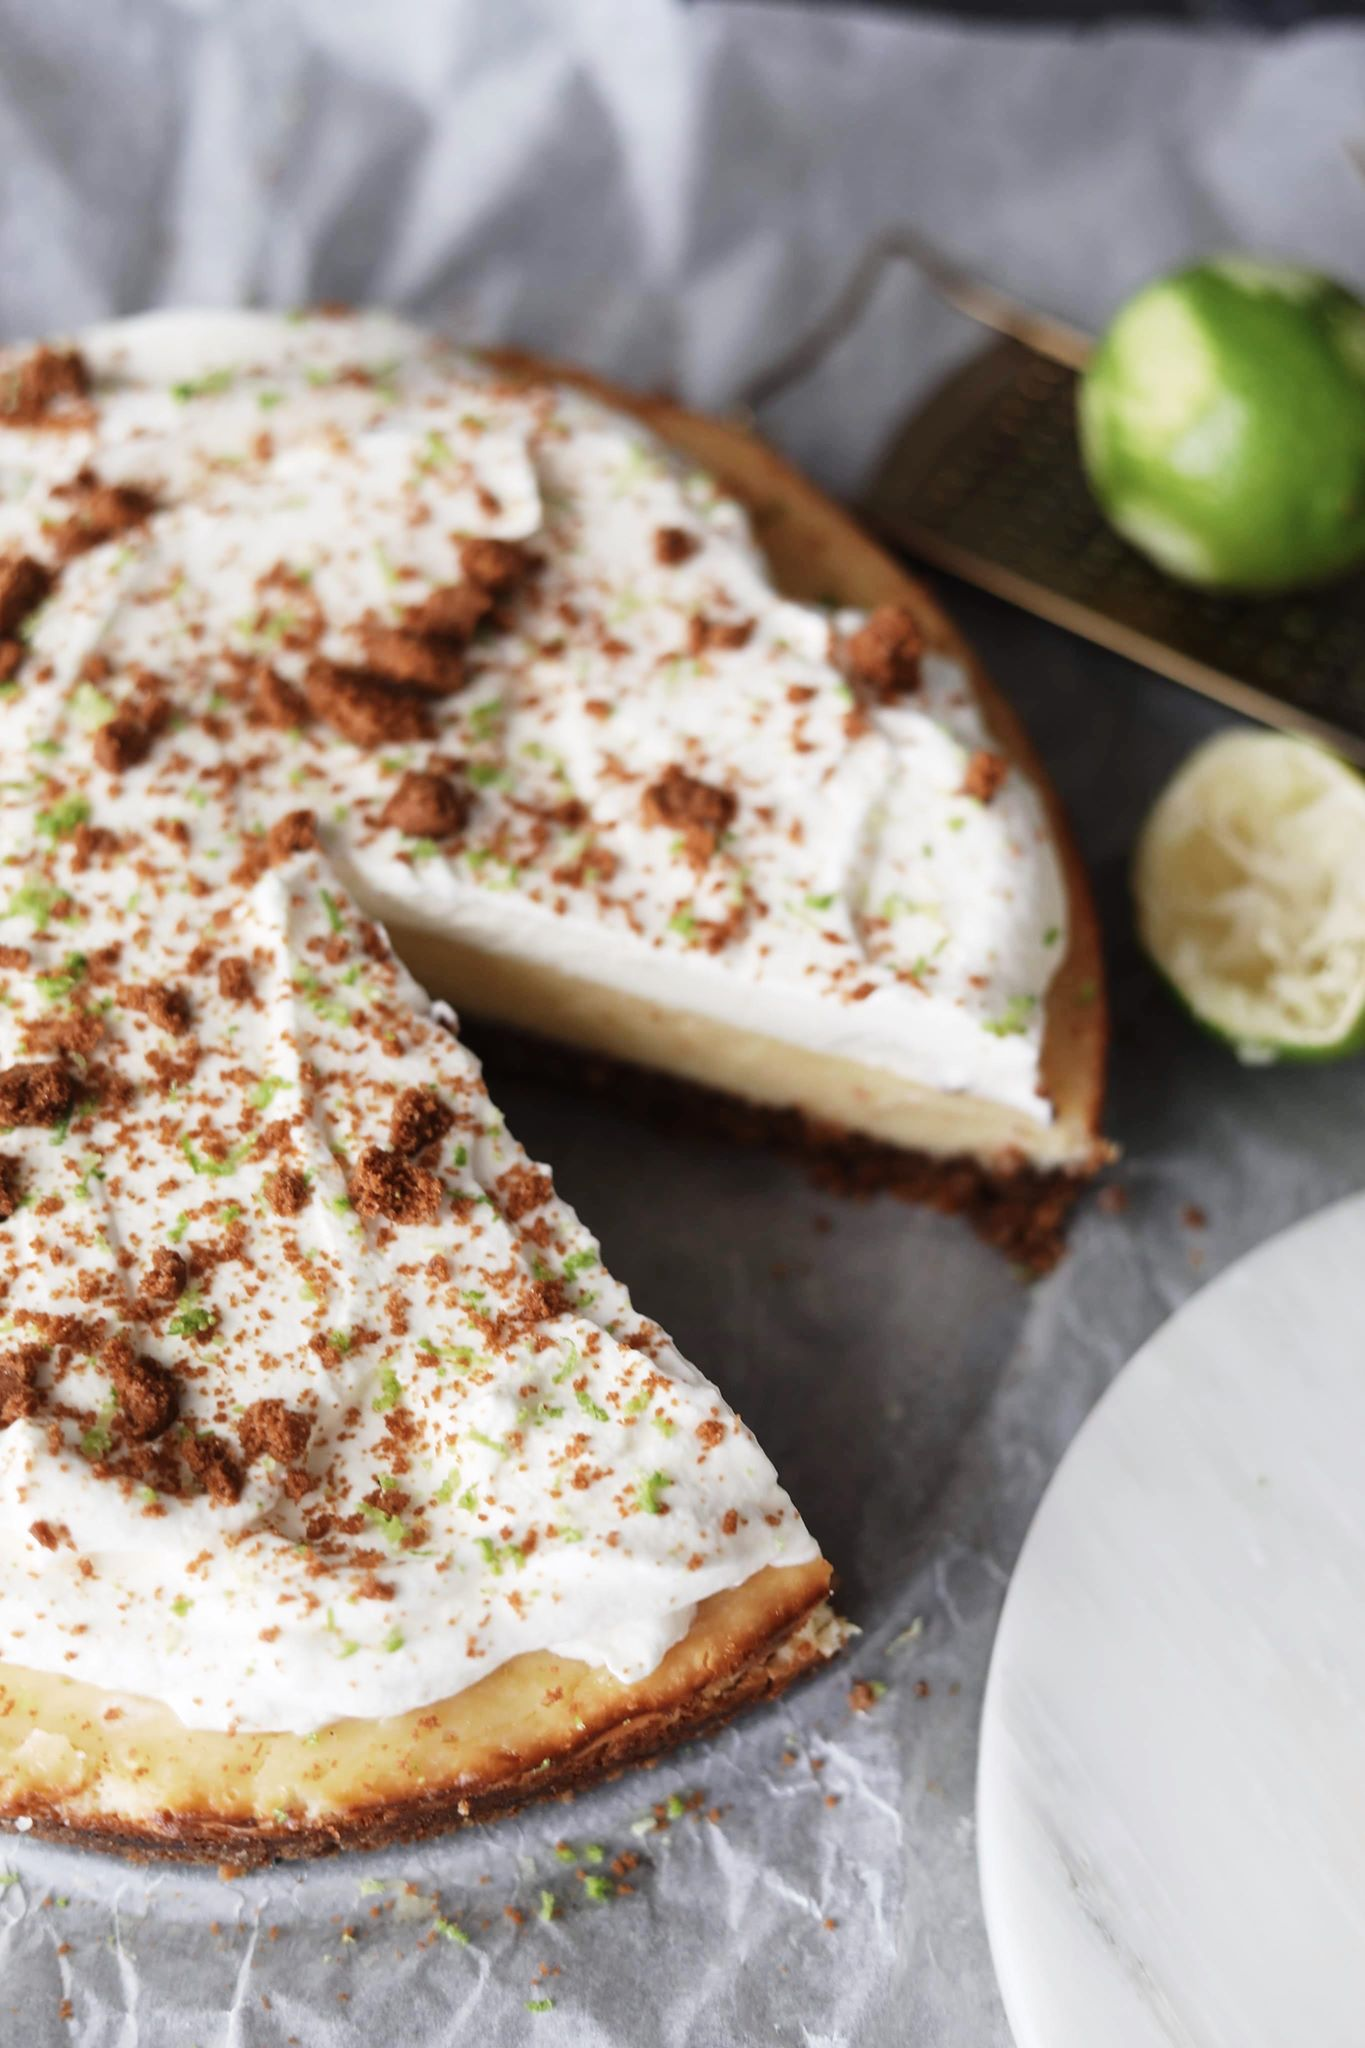 Limetærte med kanelbund og flødeskum